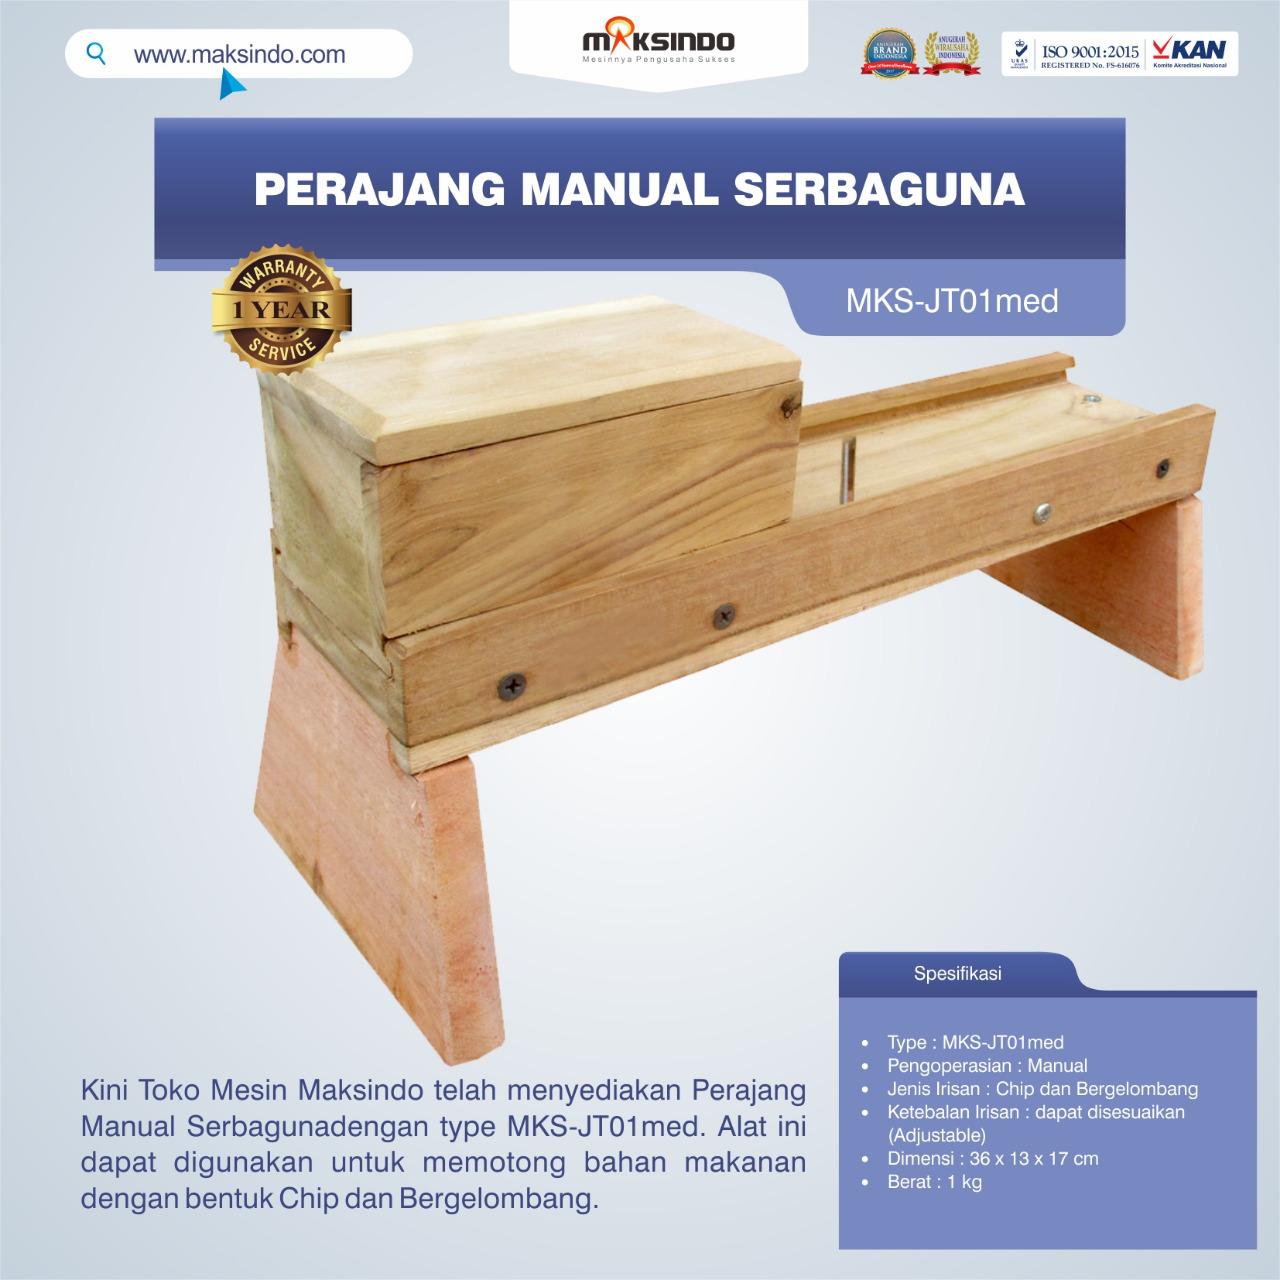 Jual Perajang Manual Serbaguna MKS-JT01med di Semarang